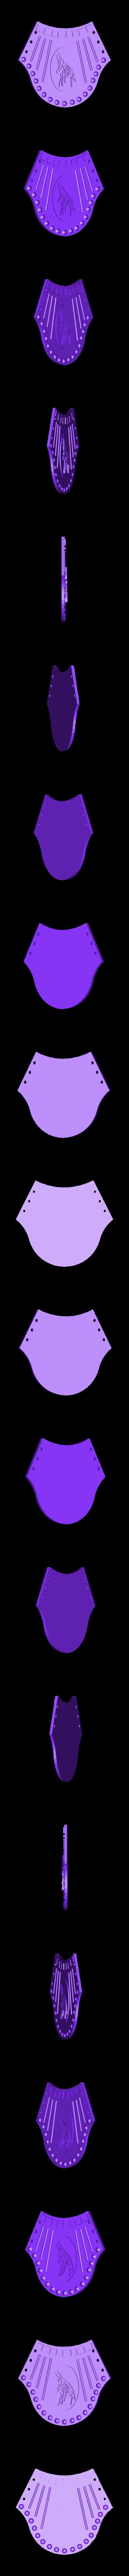 Collier Egypt.stl Télécharger fichier STL gratuit Collier Egyptien - Egypt necklace • Plan à imprimer en 3D, serial_print3r